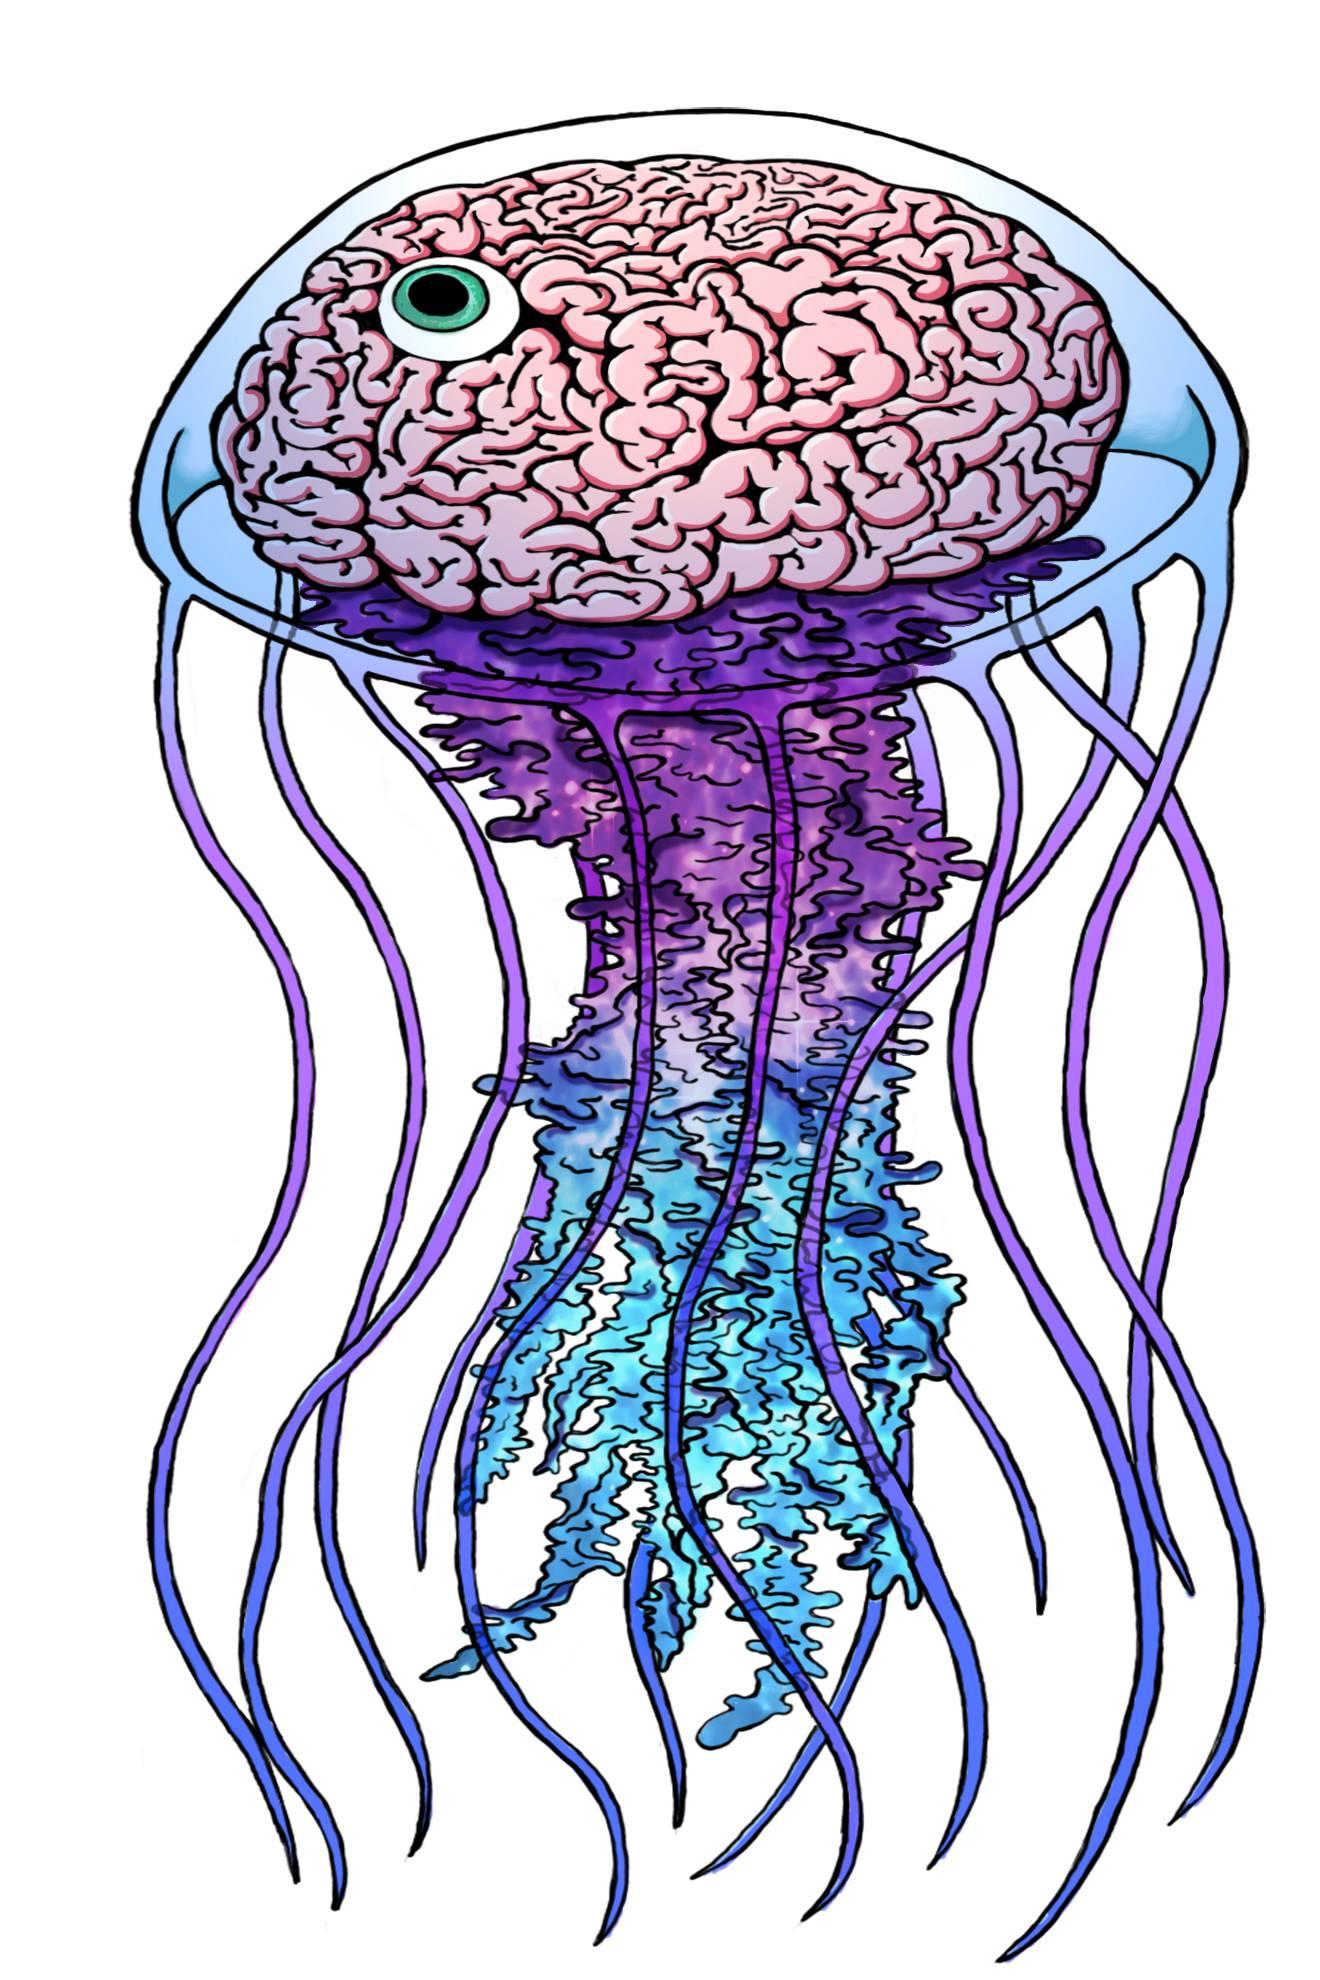 Jellybrain